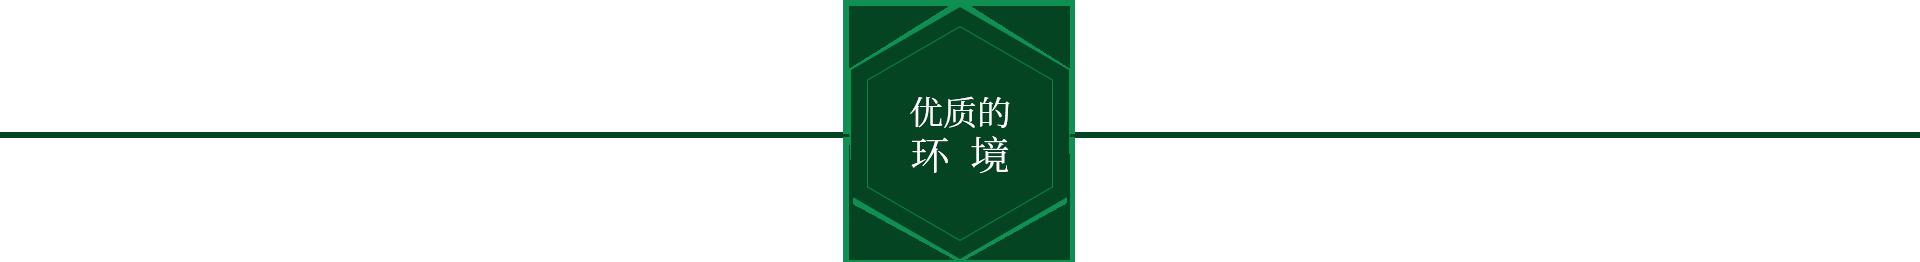 桂林周氏顺发食品有限公司优质环境